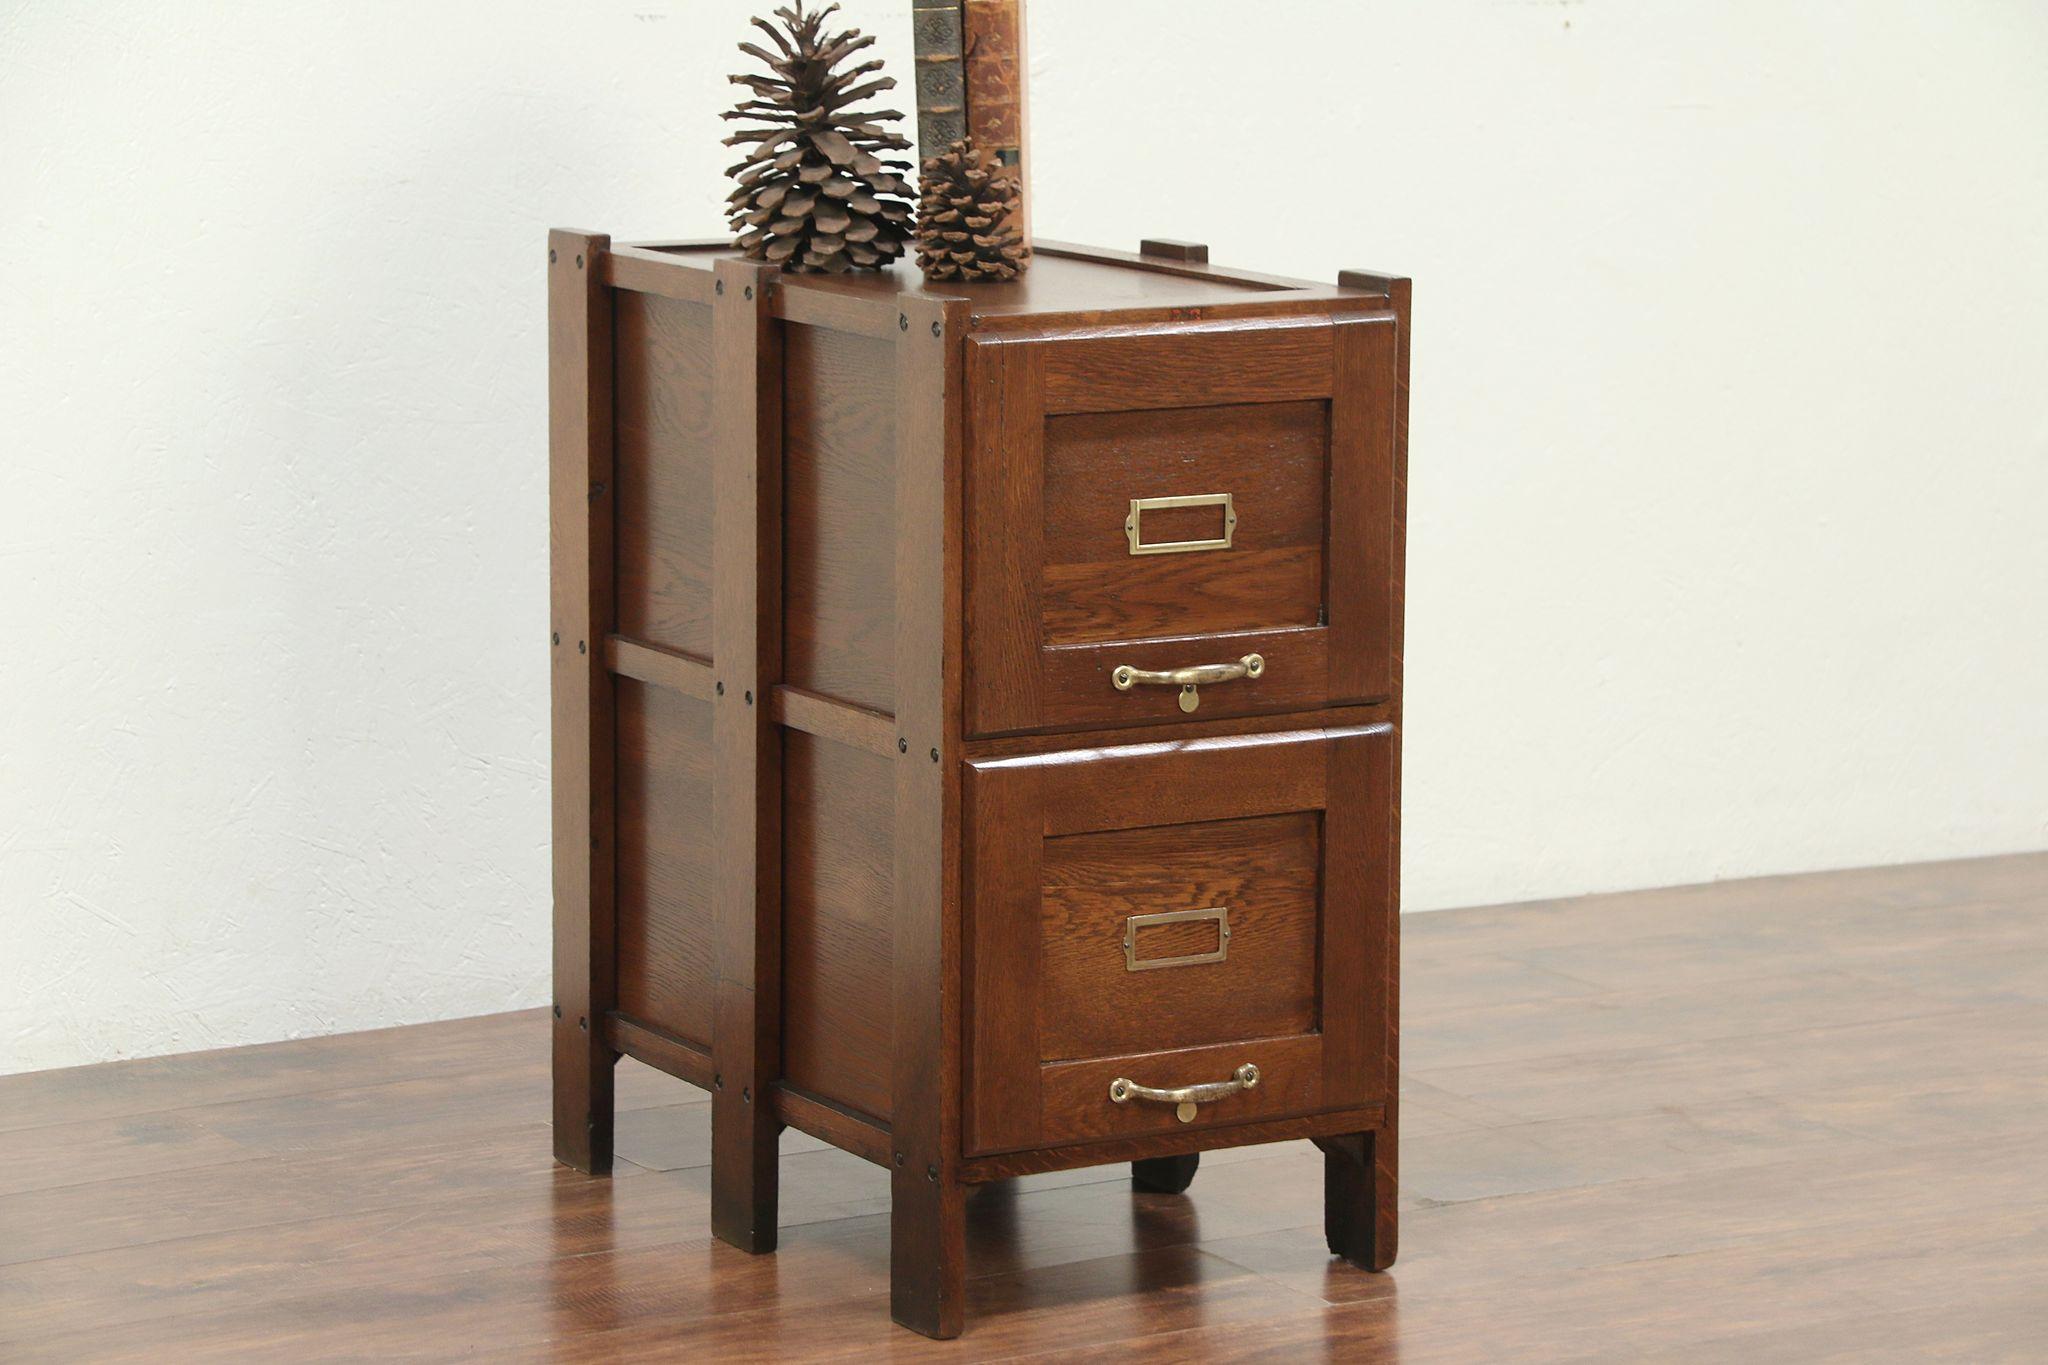 Sold Arts Crafts Antique Oak 2 Drawer File Or Craftsman Filing Cabinet Harp Gallery Antiques Furniture